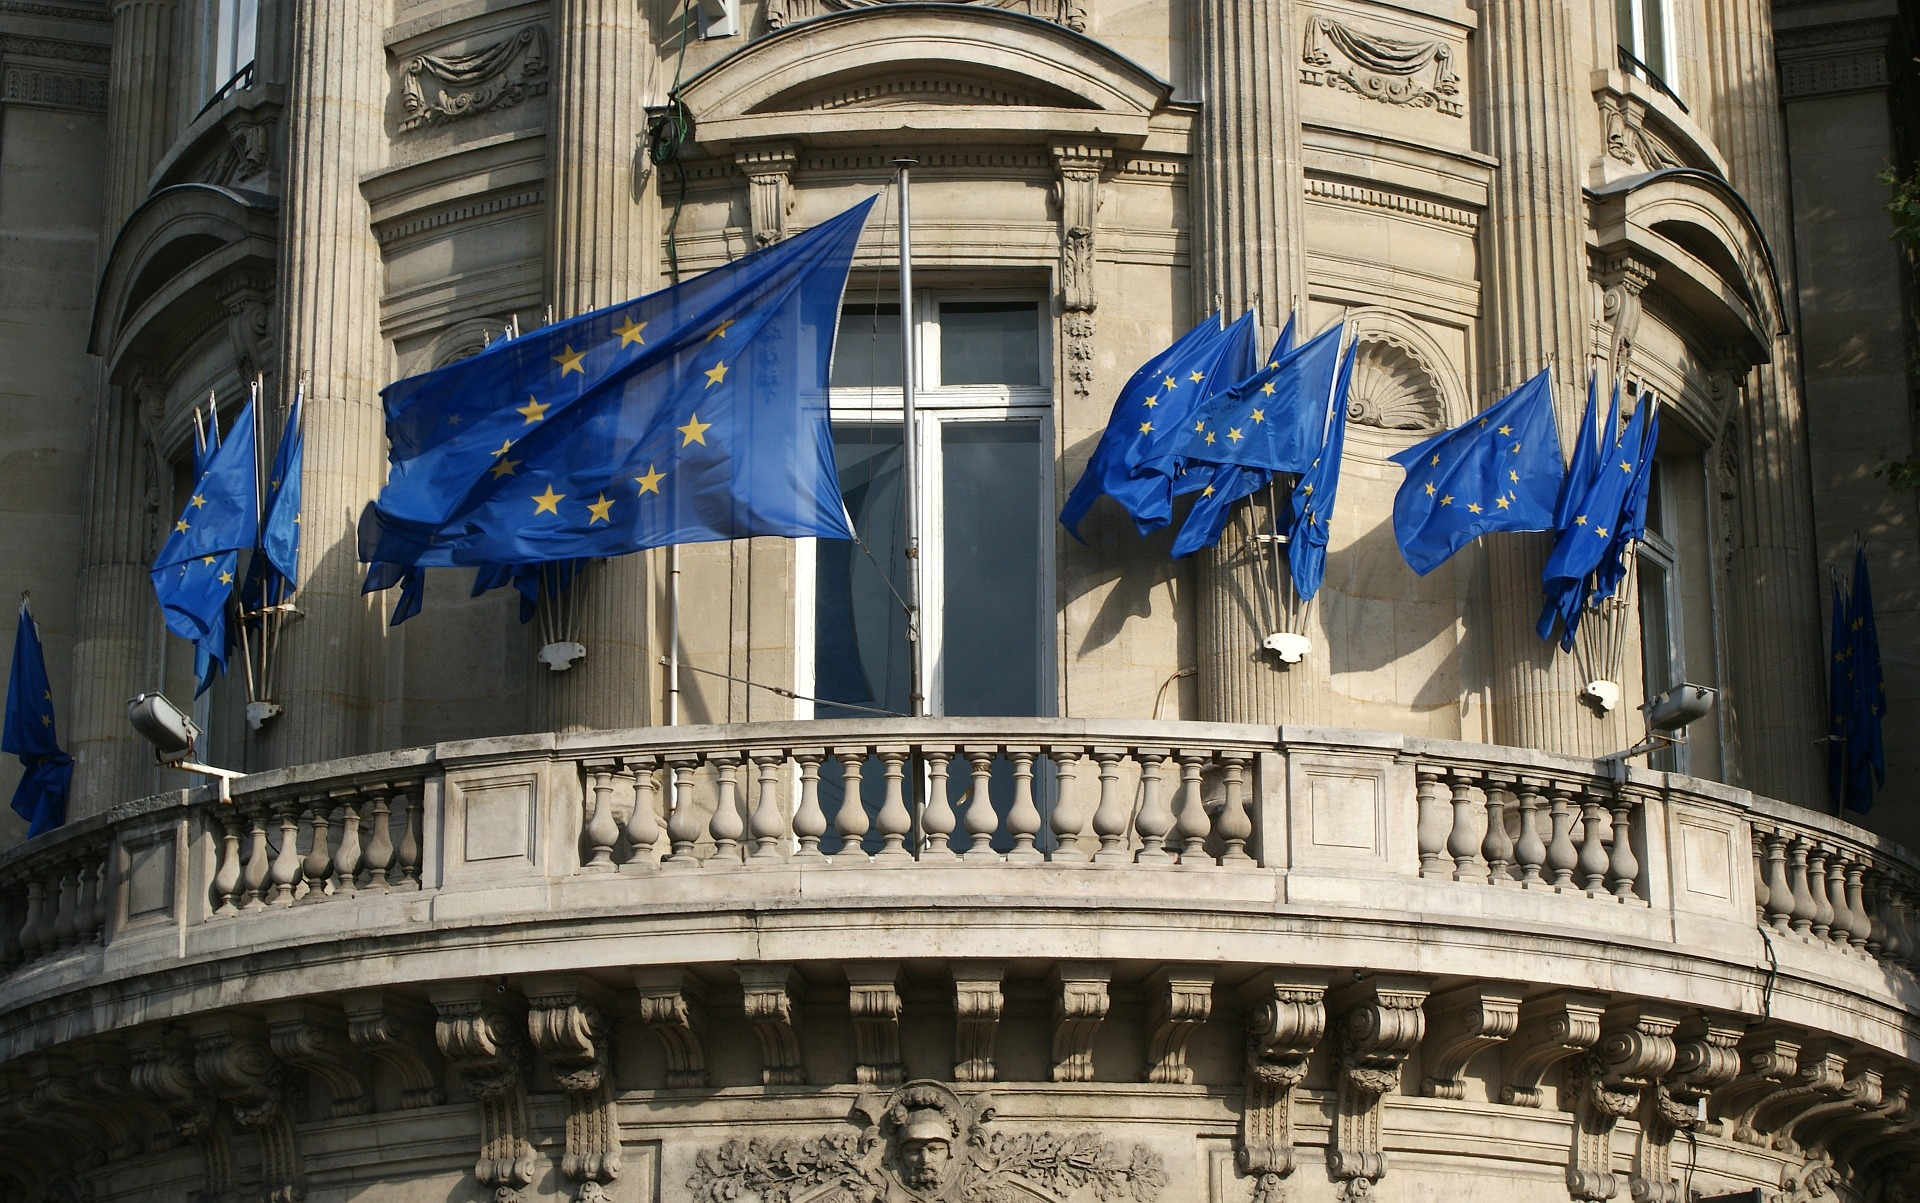 In der Europawahl 2019 wird ein neues Parlament gewählt. Wie Deutschlands Parteien im EU-Parlament beim Thema Jagd ticken, hat der DJV herausgefunden.